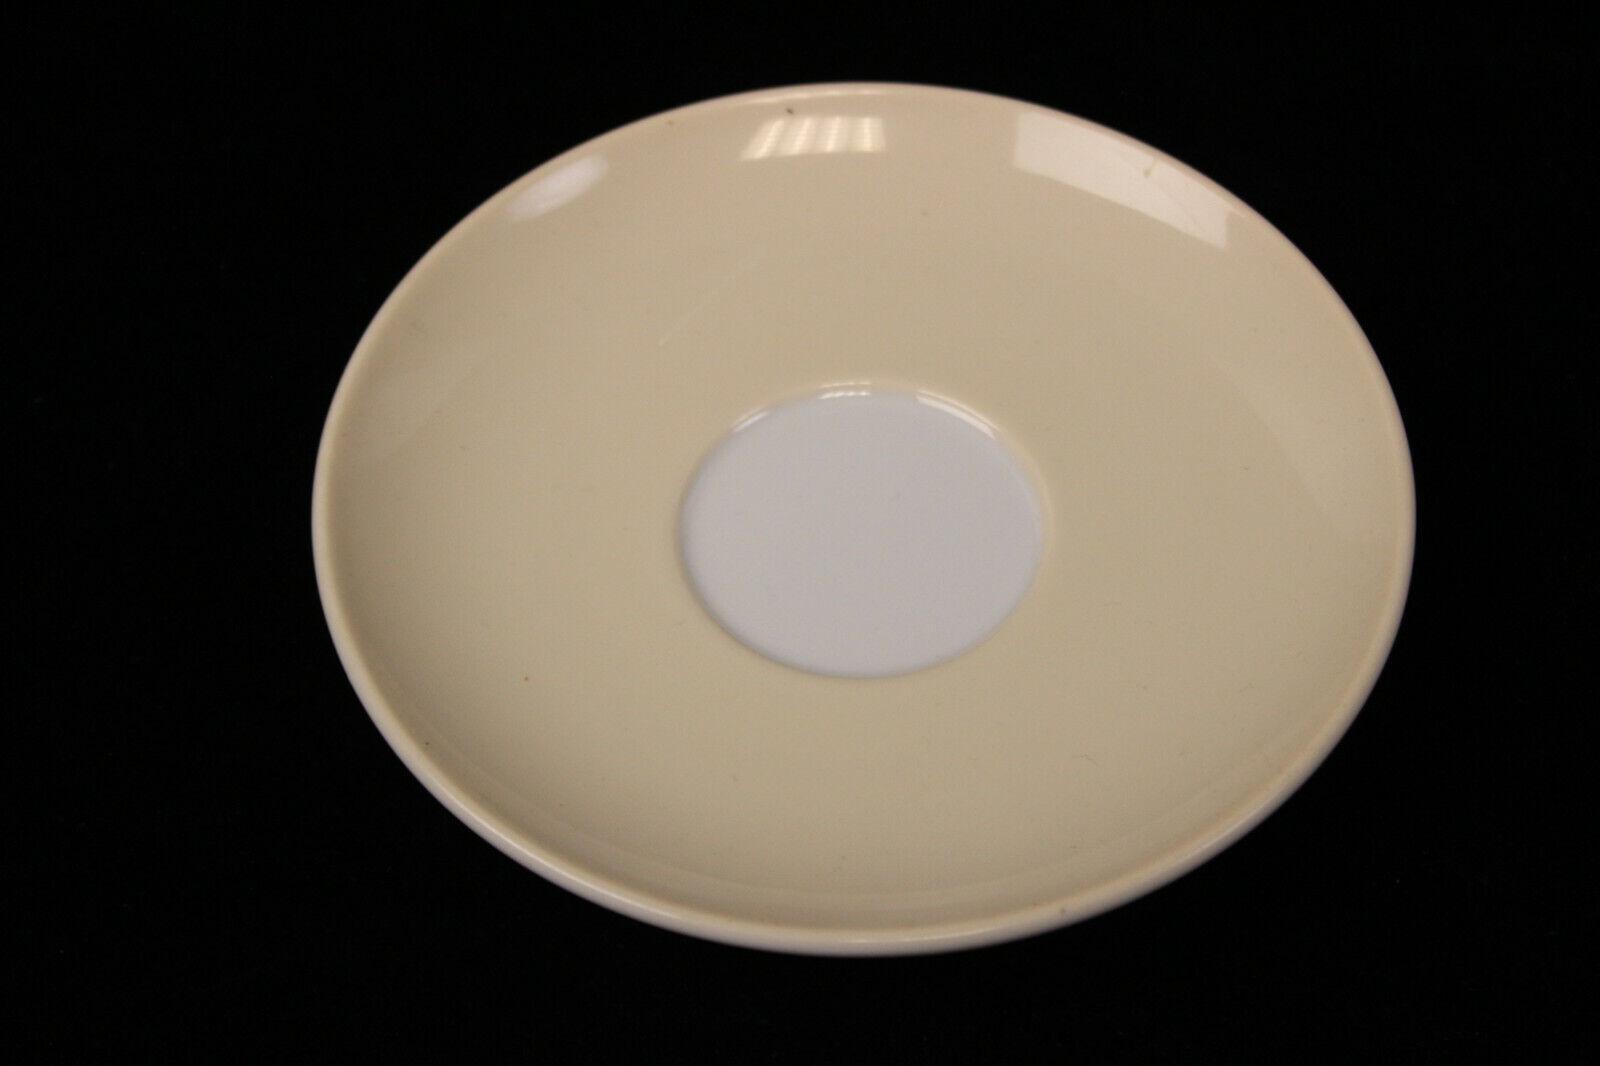 33 SELTMAN Weiden Meran Kuchenteller Ø 16,3 16,3 16,3 cm Porzellan Teller Untertassen SET | Neues Produkt  cecdea